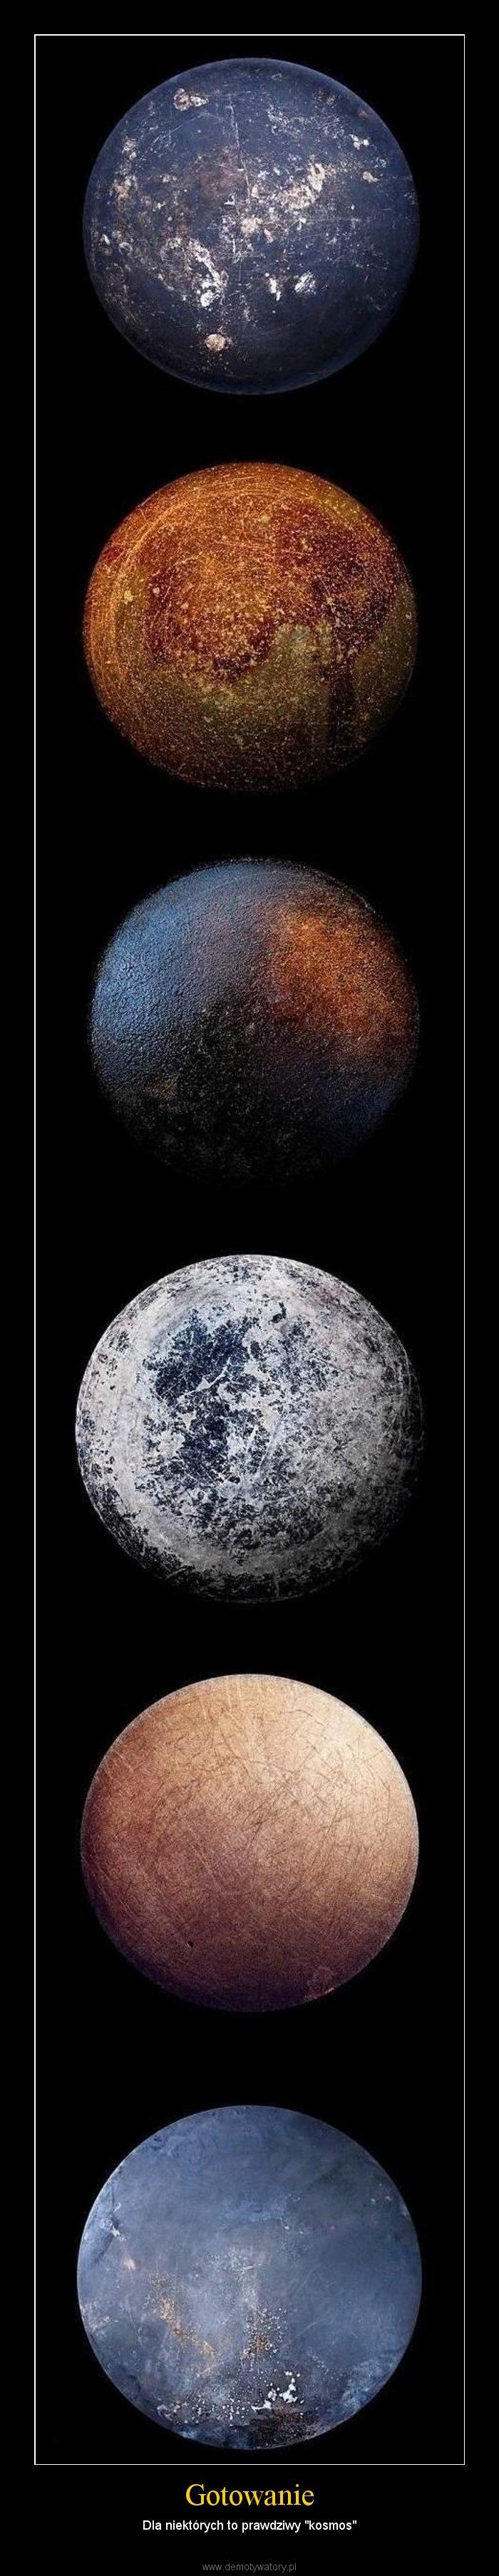 d4a3c4e21f4f58c2d02e523dbb7ed87d--frying-pans-planets Verwunderlich Das Weltall ist Unendlich Dekorationen